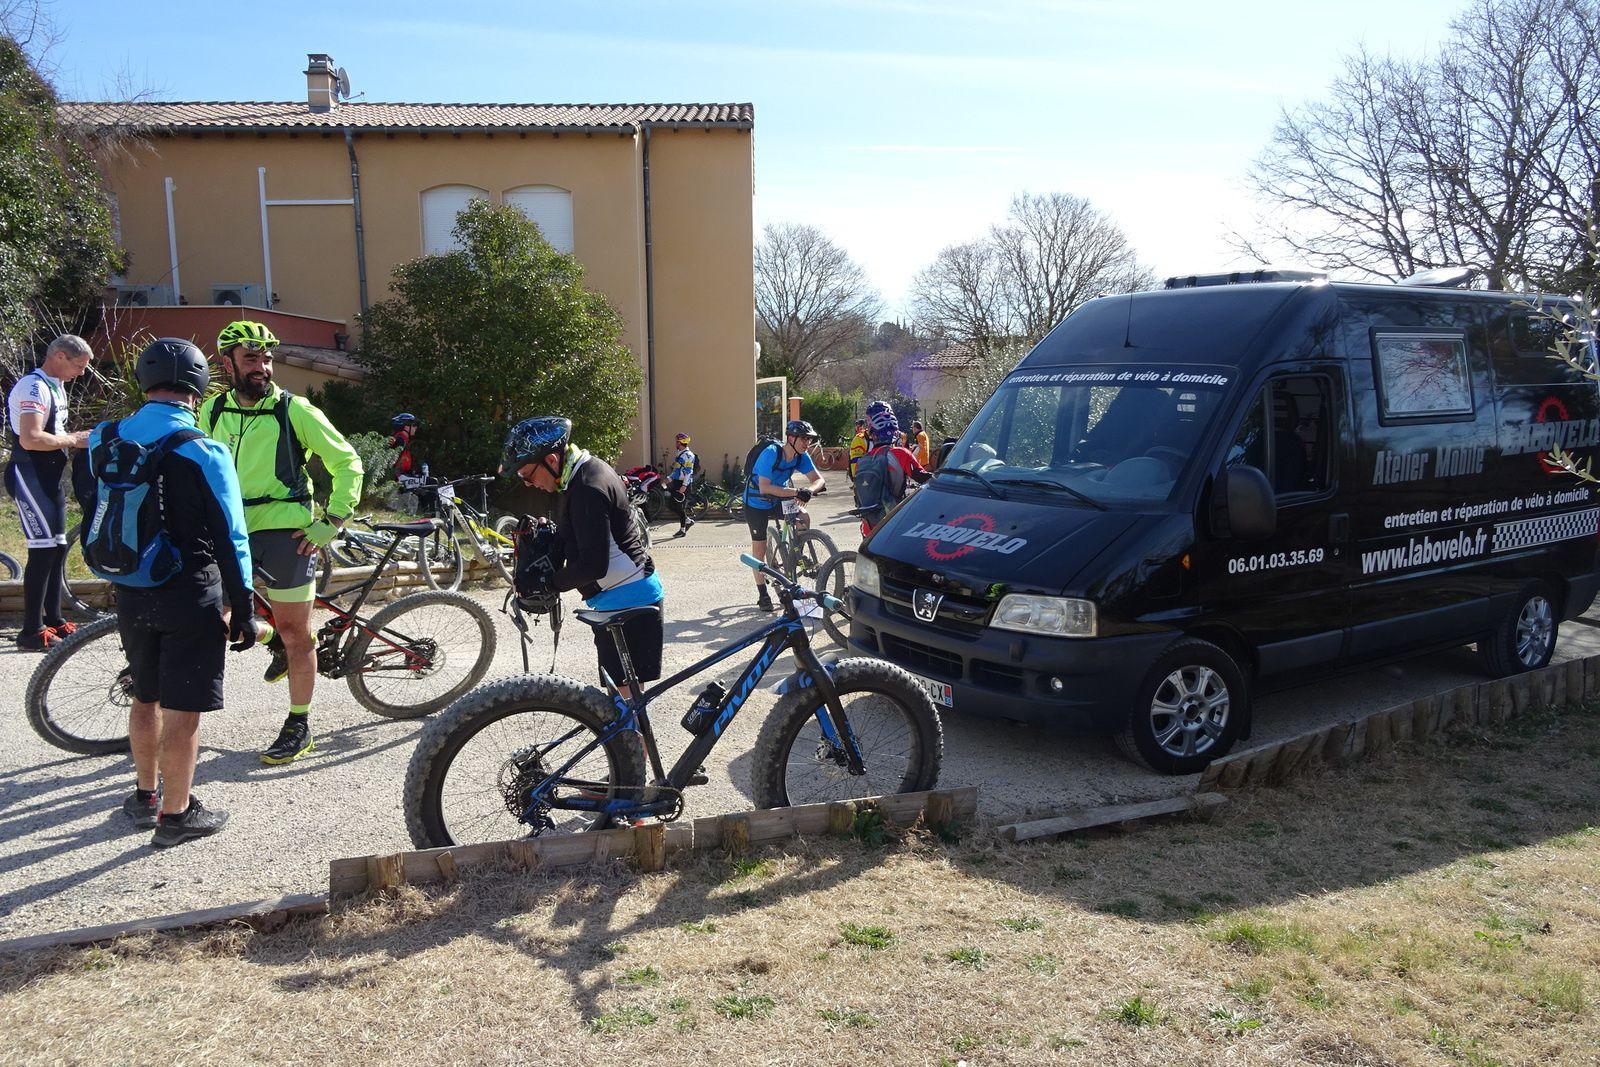 Un docteur vélo est sur le ravitaillement en cas de problème. Peu de photos car parcours assez exigeant. 1 ravitaillement sur 58 km, un peu juste !